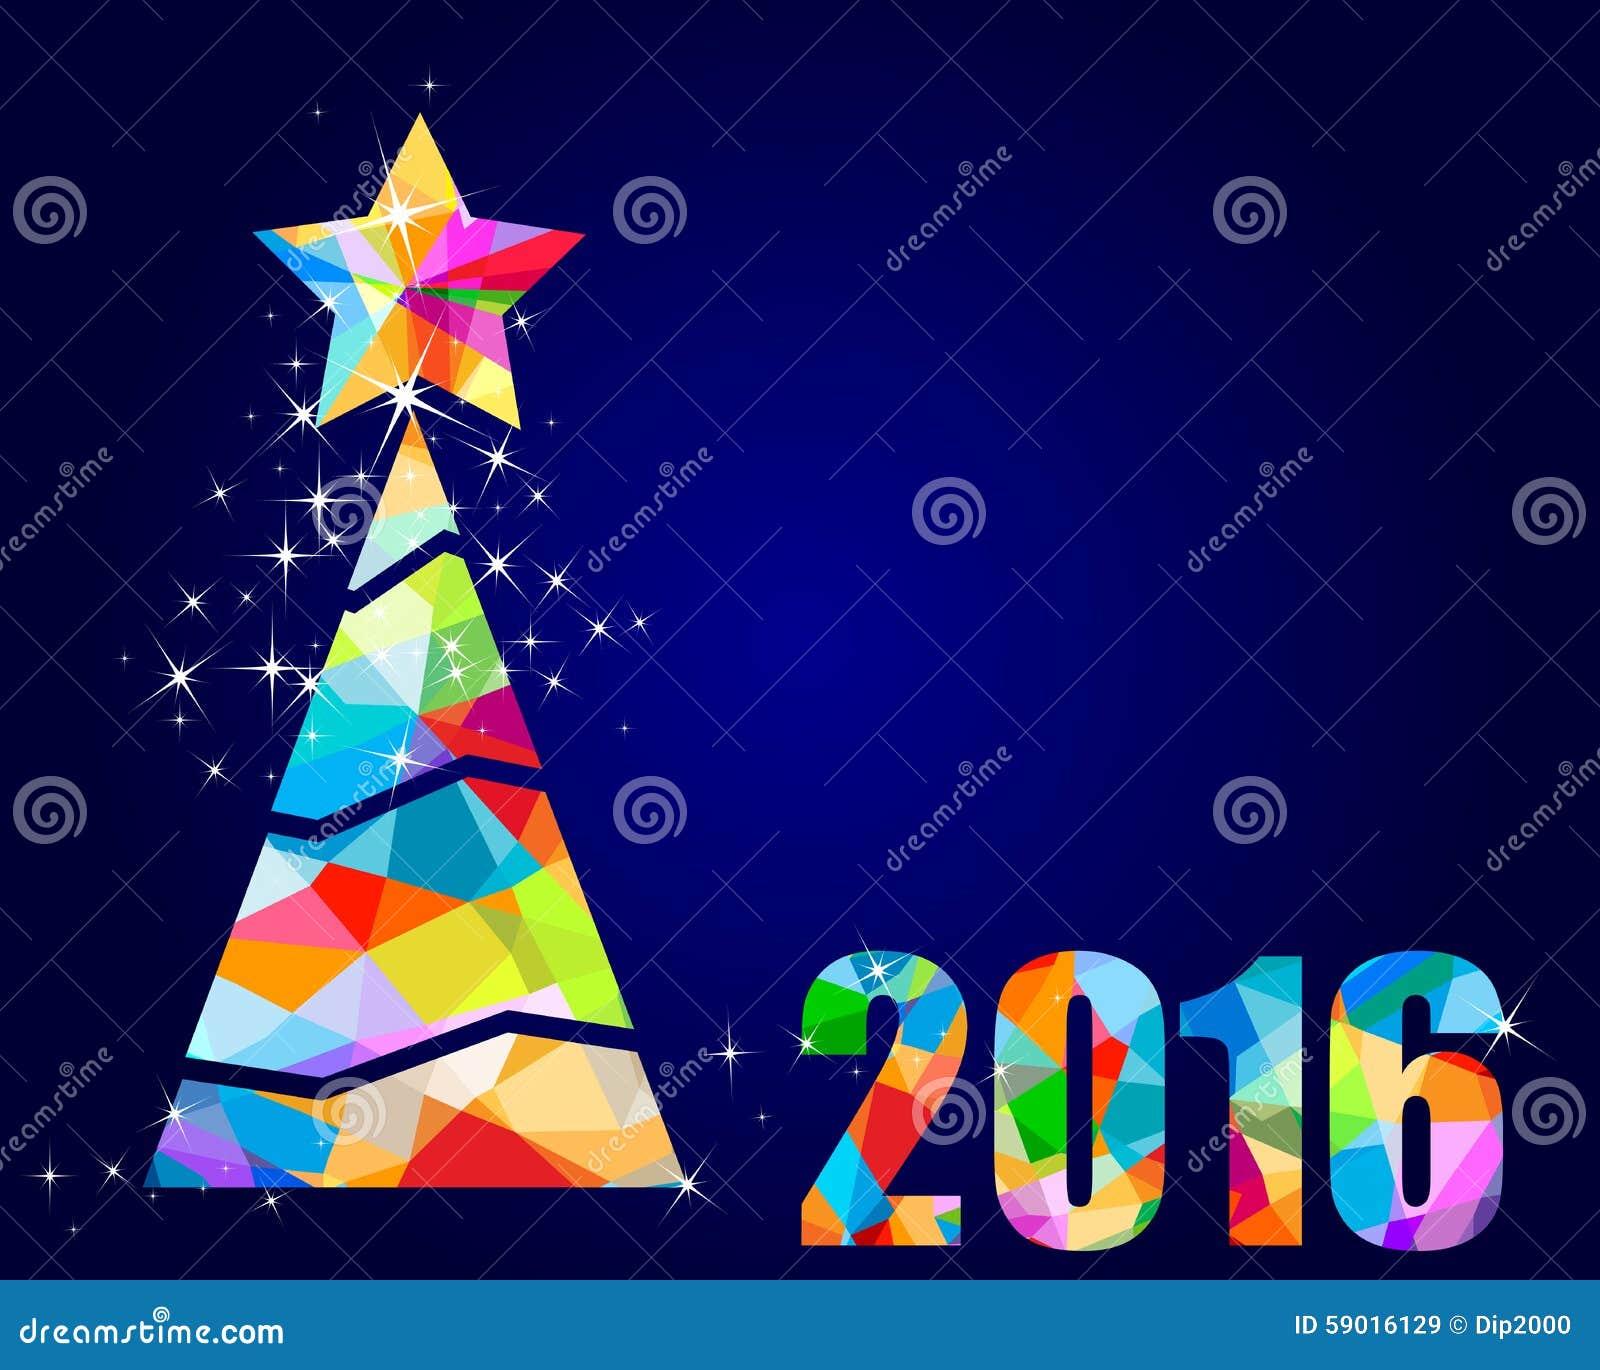 Dise o triangular 2016 del rbol de navidad stock de - Arbol de navidad diseno ...